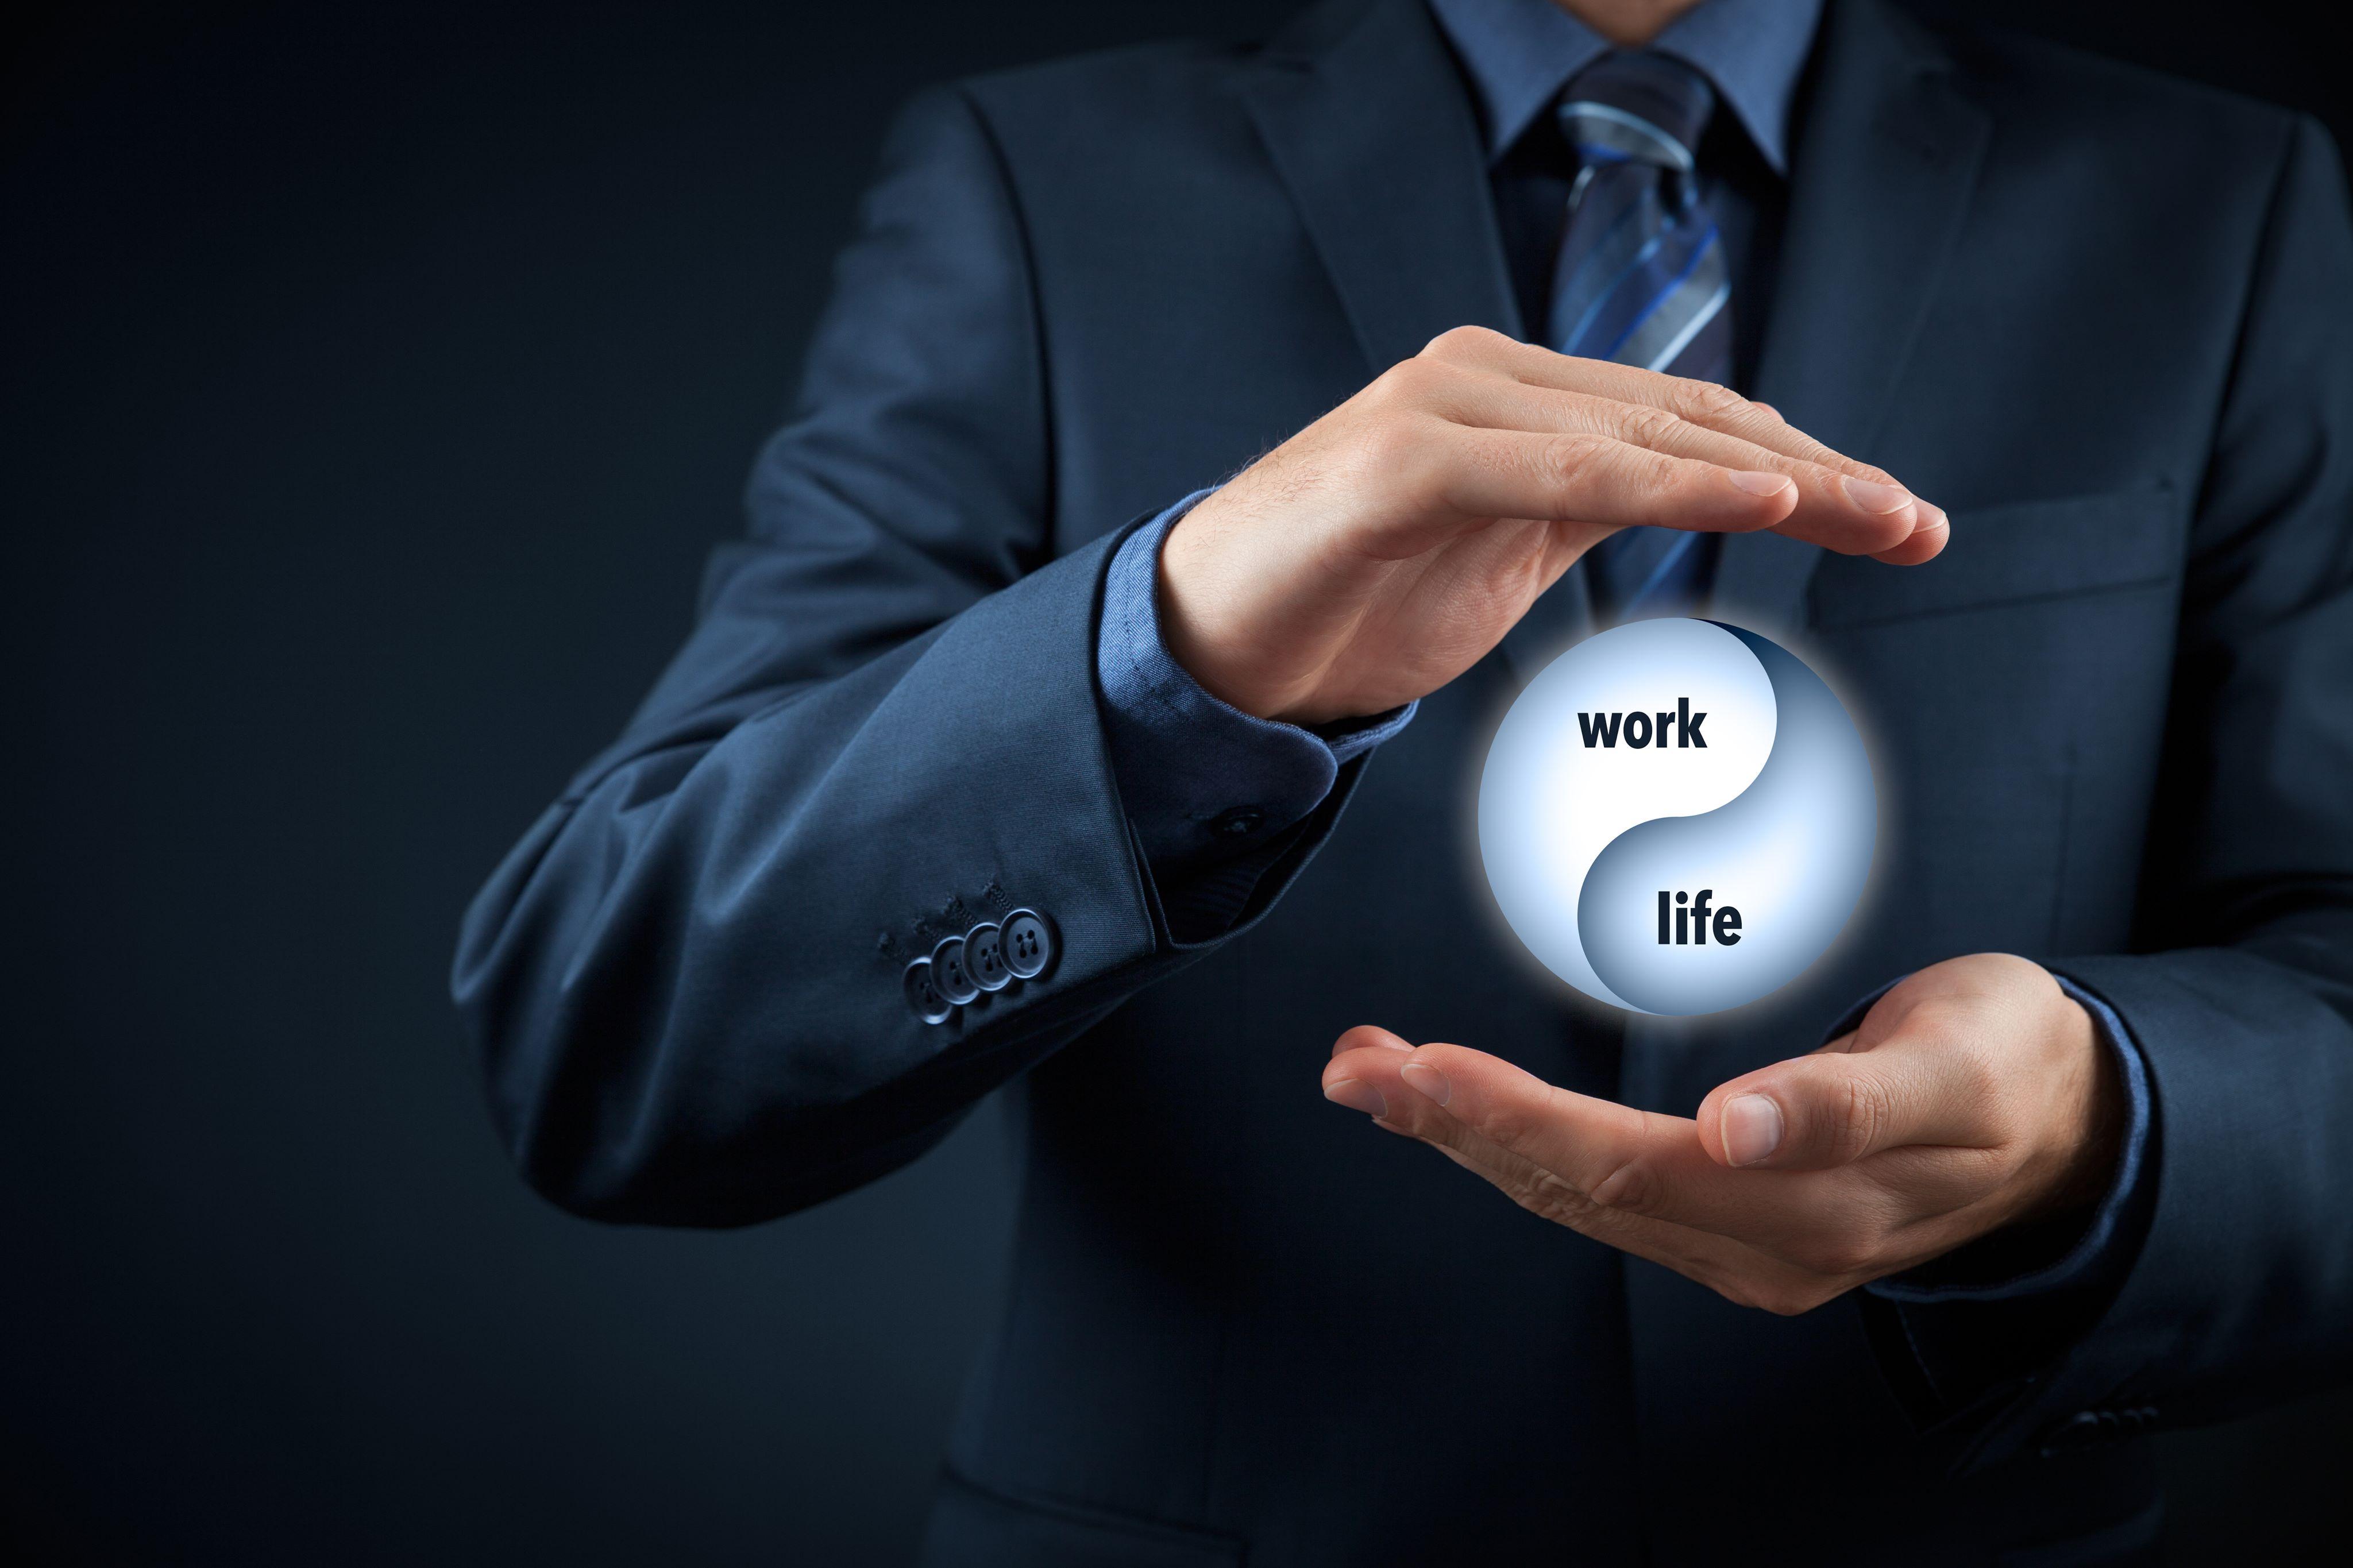 Curso online grátis de Saúde e Qualidade de Vida no Trabalho